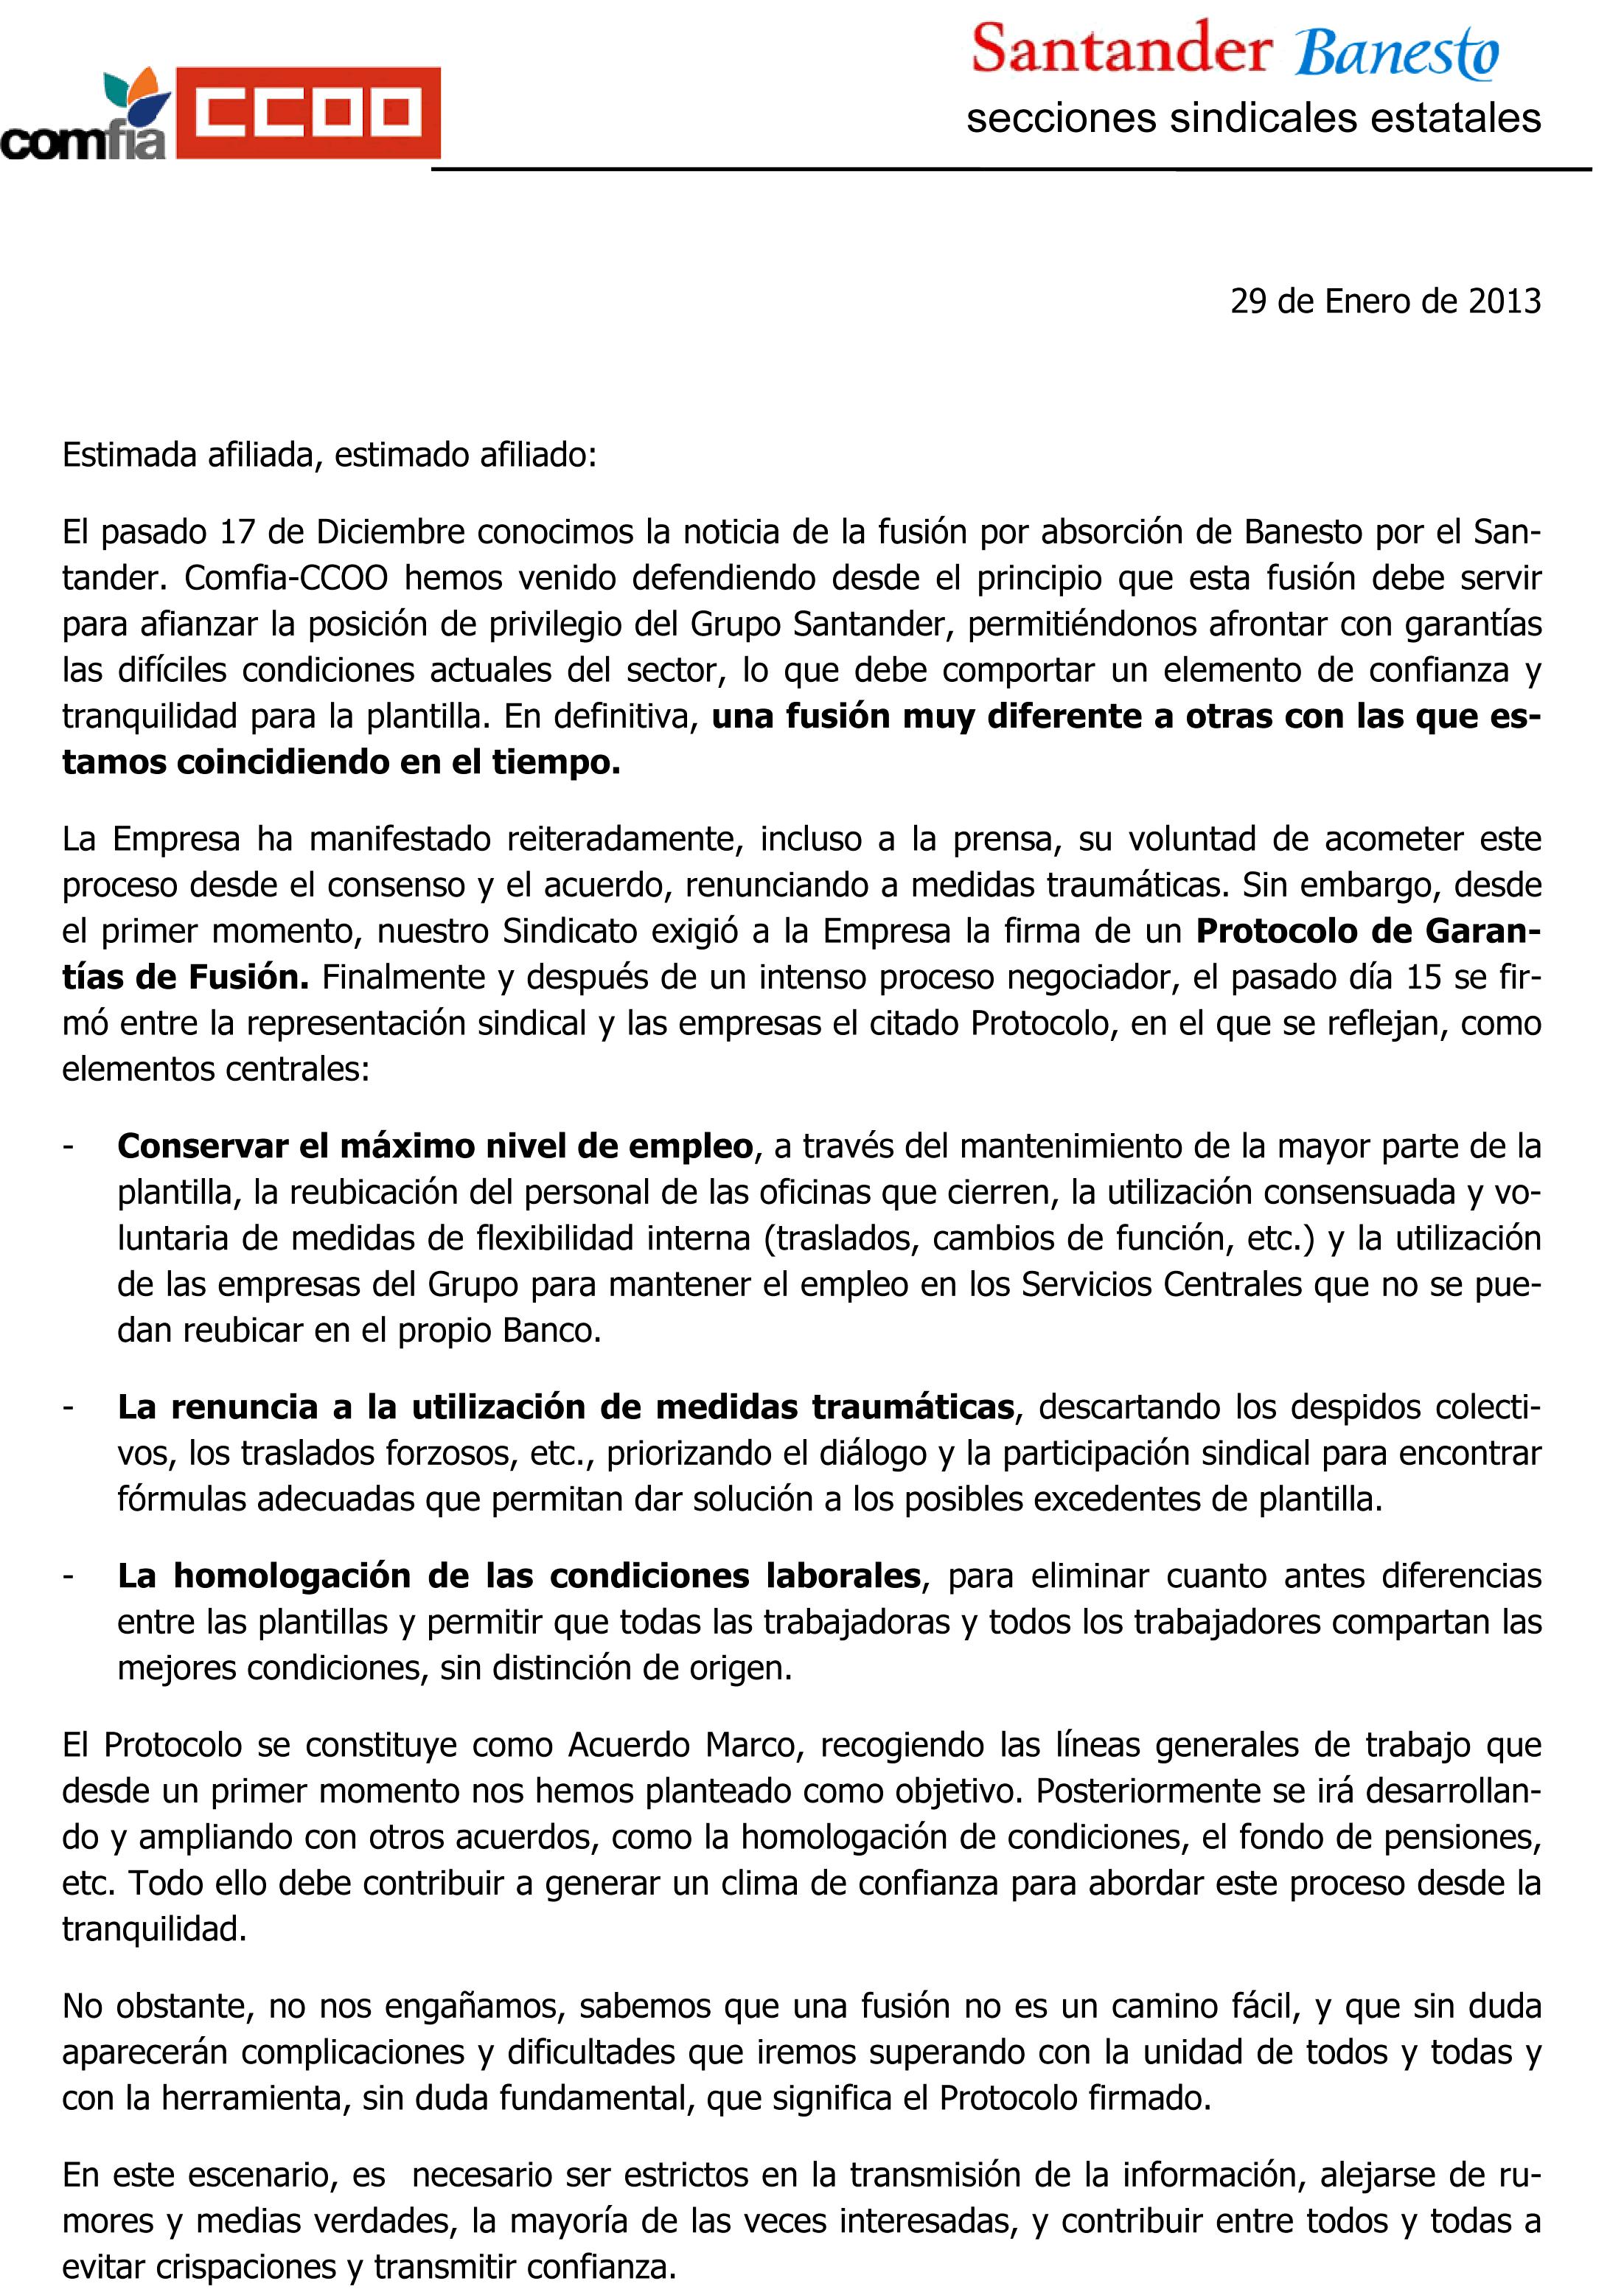 Carta de los Secretarios Generales de Comfia-CCOO de Santander y ...